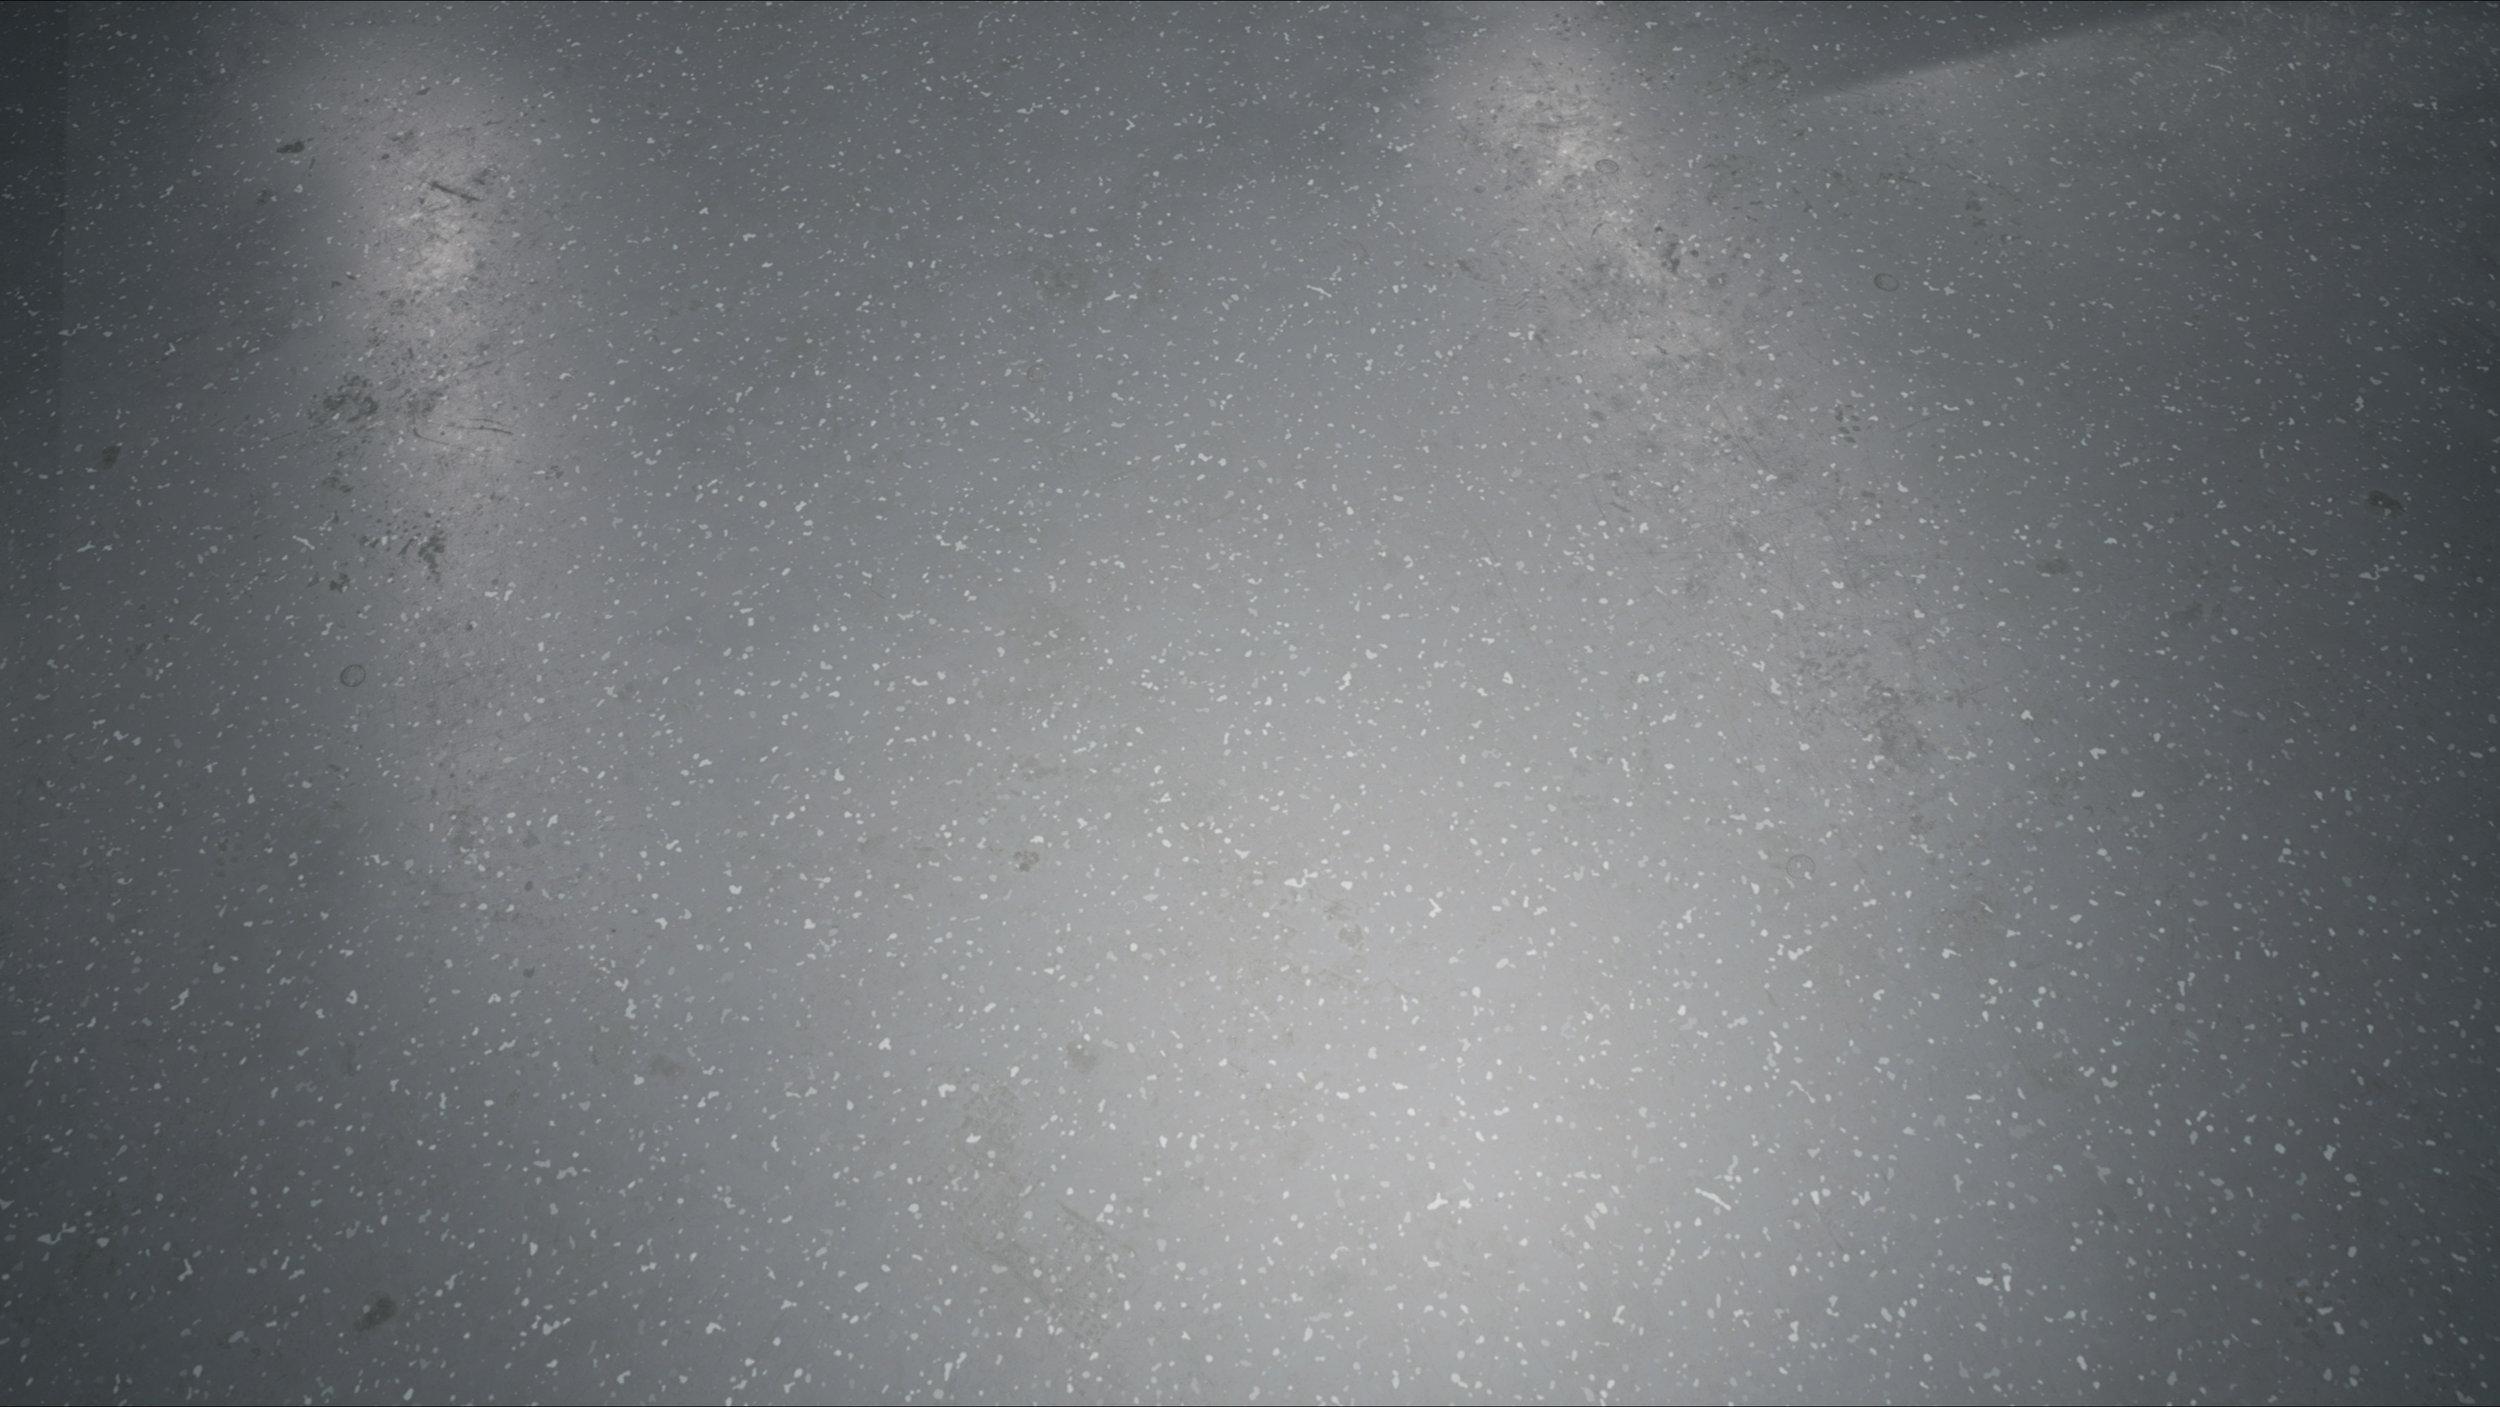 HighresScreenshot00000.jpg